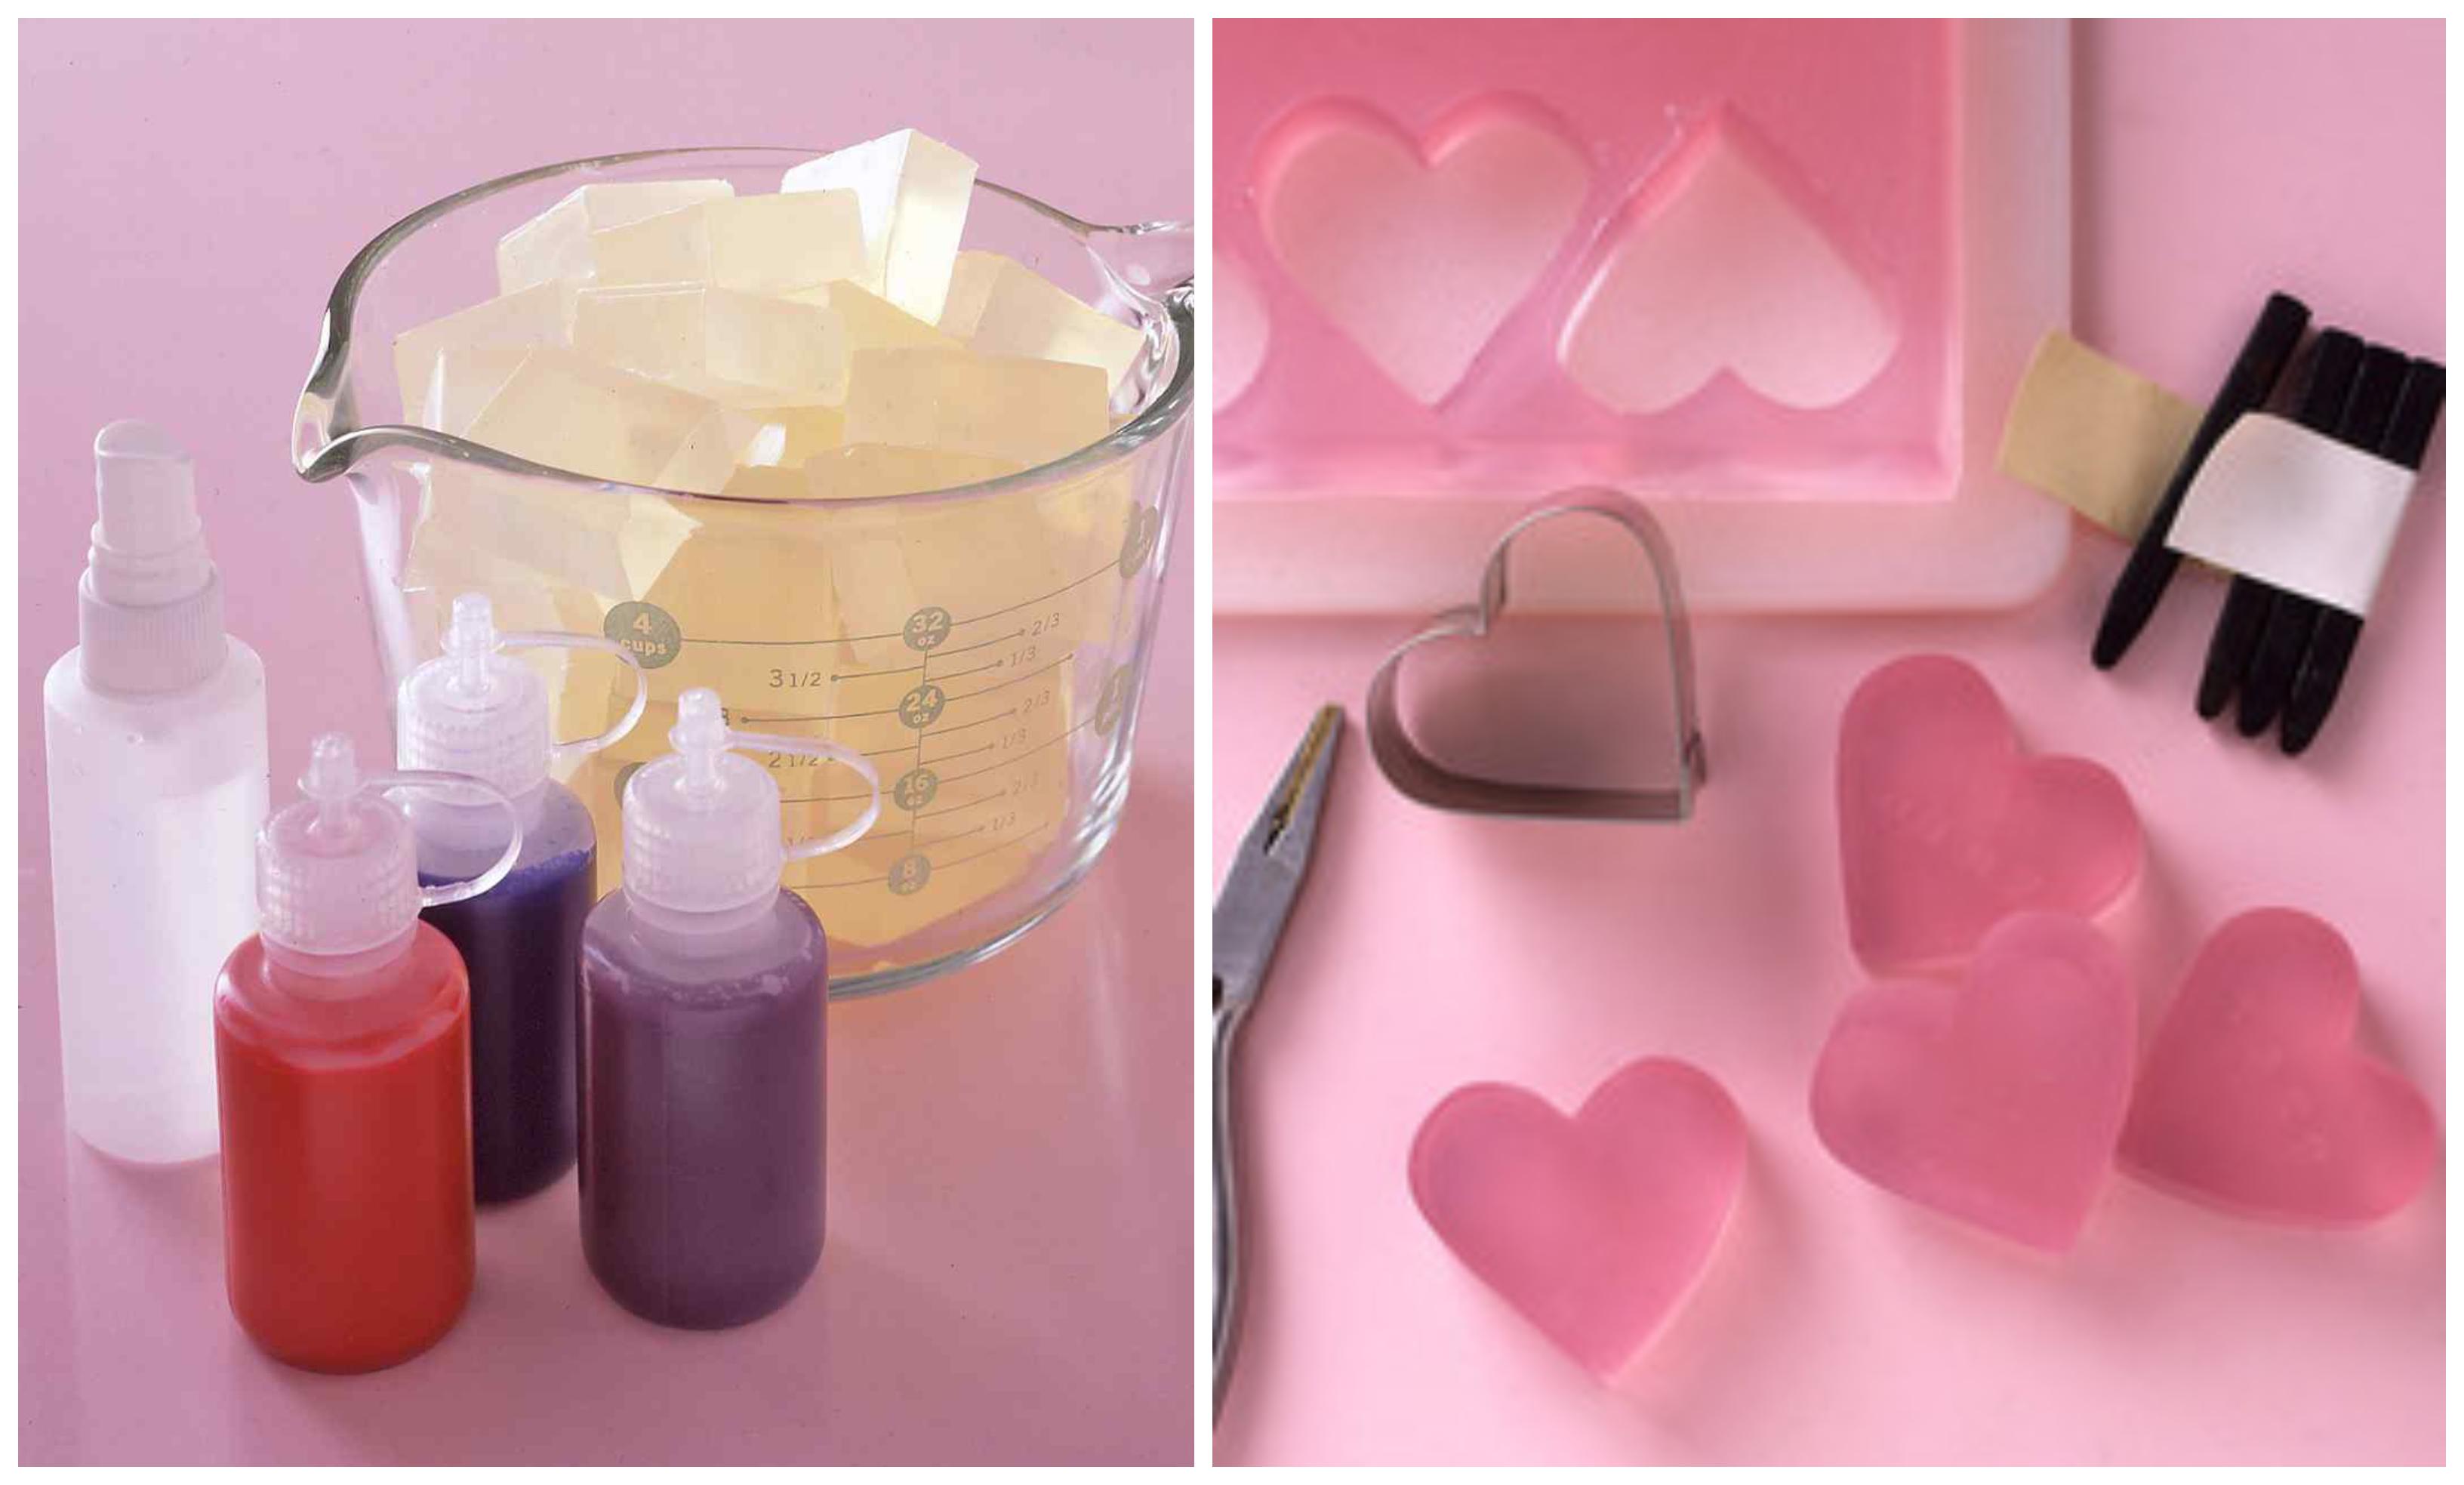 cómo hacer jabones caseros para regalar en el dia de los enamorados, ejemplos originales de regalos san valentin hechos a mano